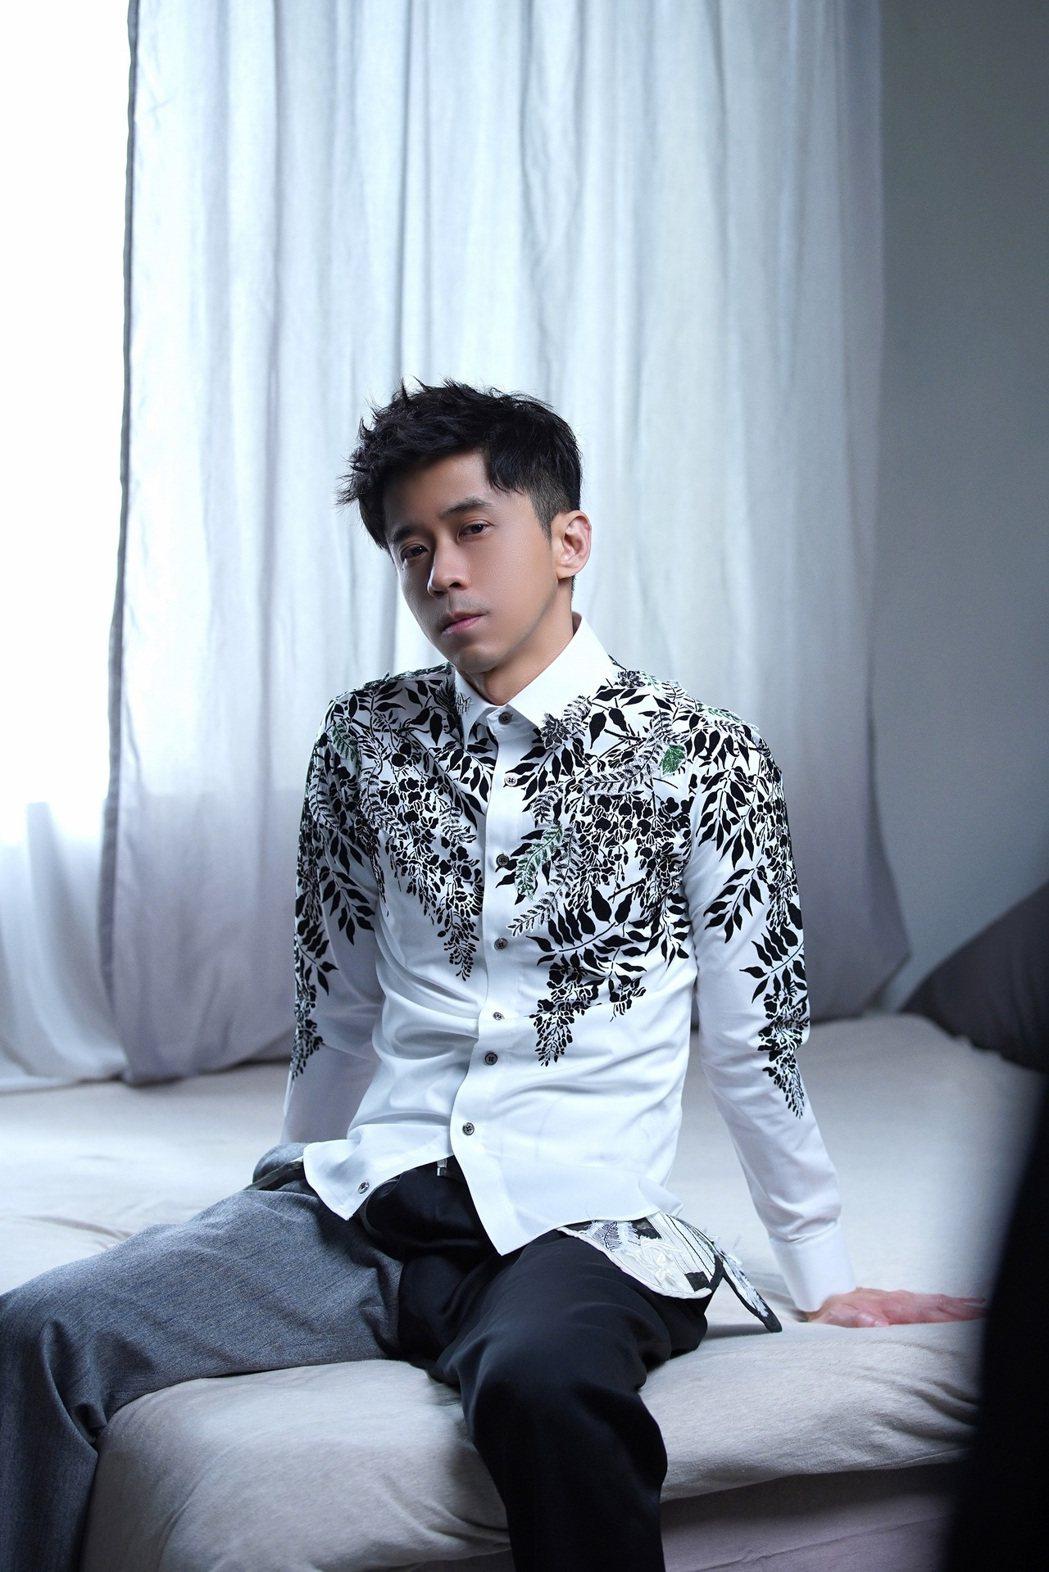 光良「今晚我不孤獨」演唱會延期到明年1月9日。圖/星娛音樂提供